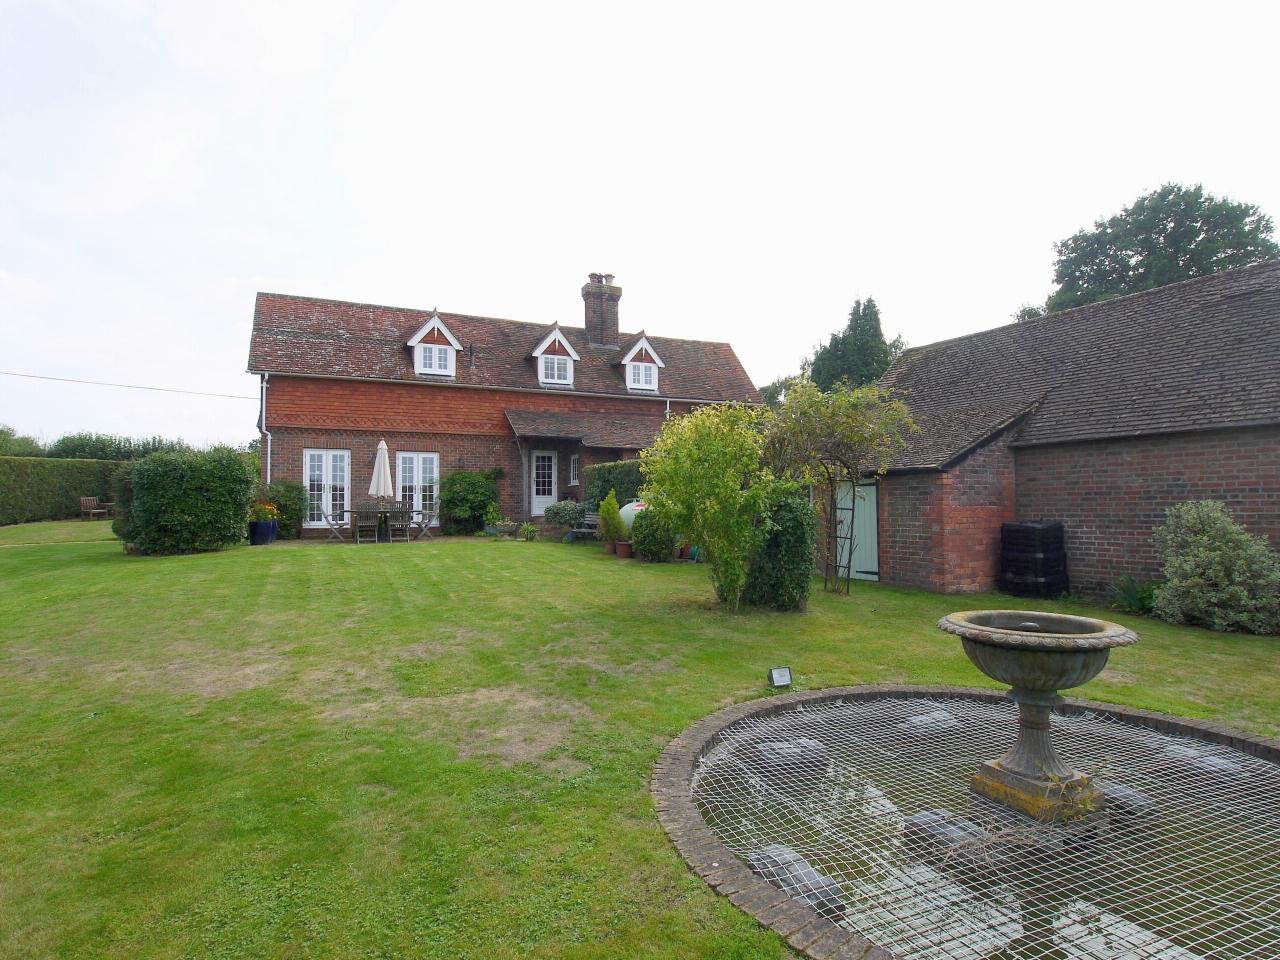 4 bedroom detached house Sold in Tonbridge - Photograph 20